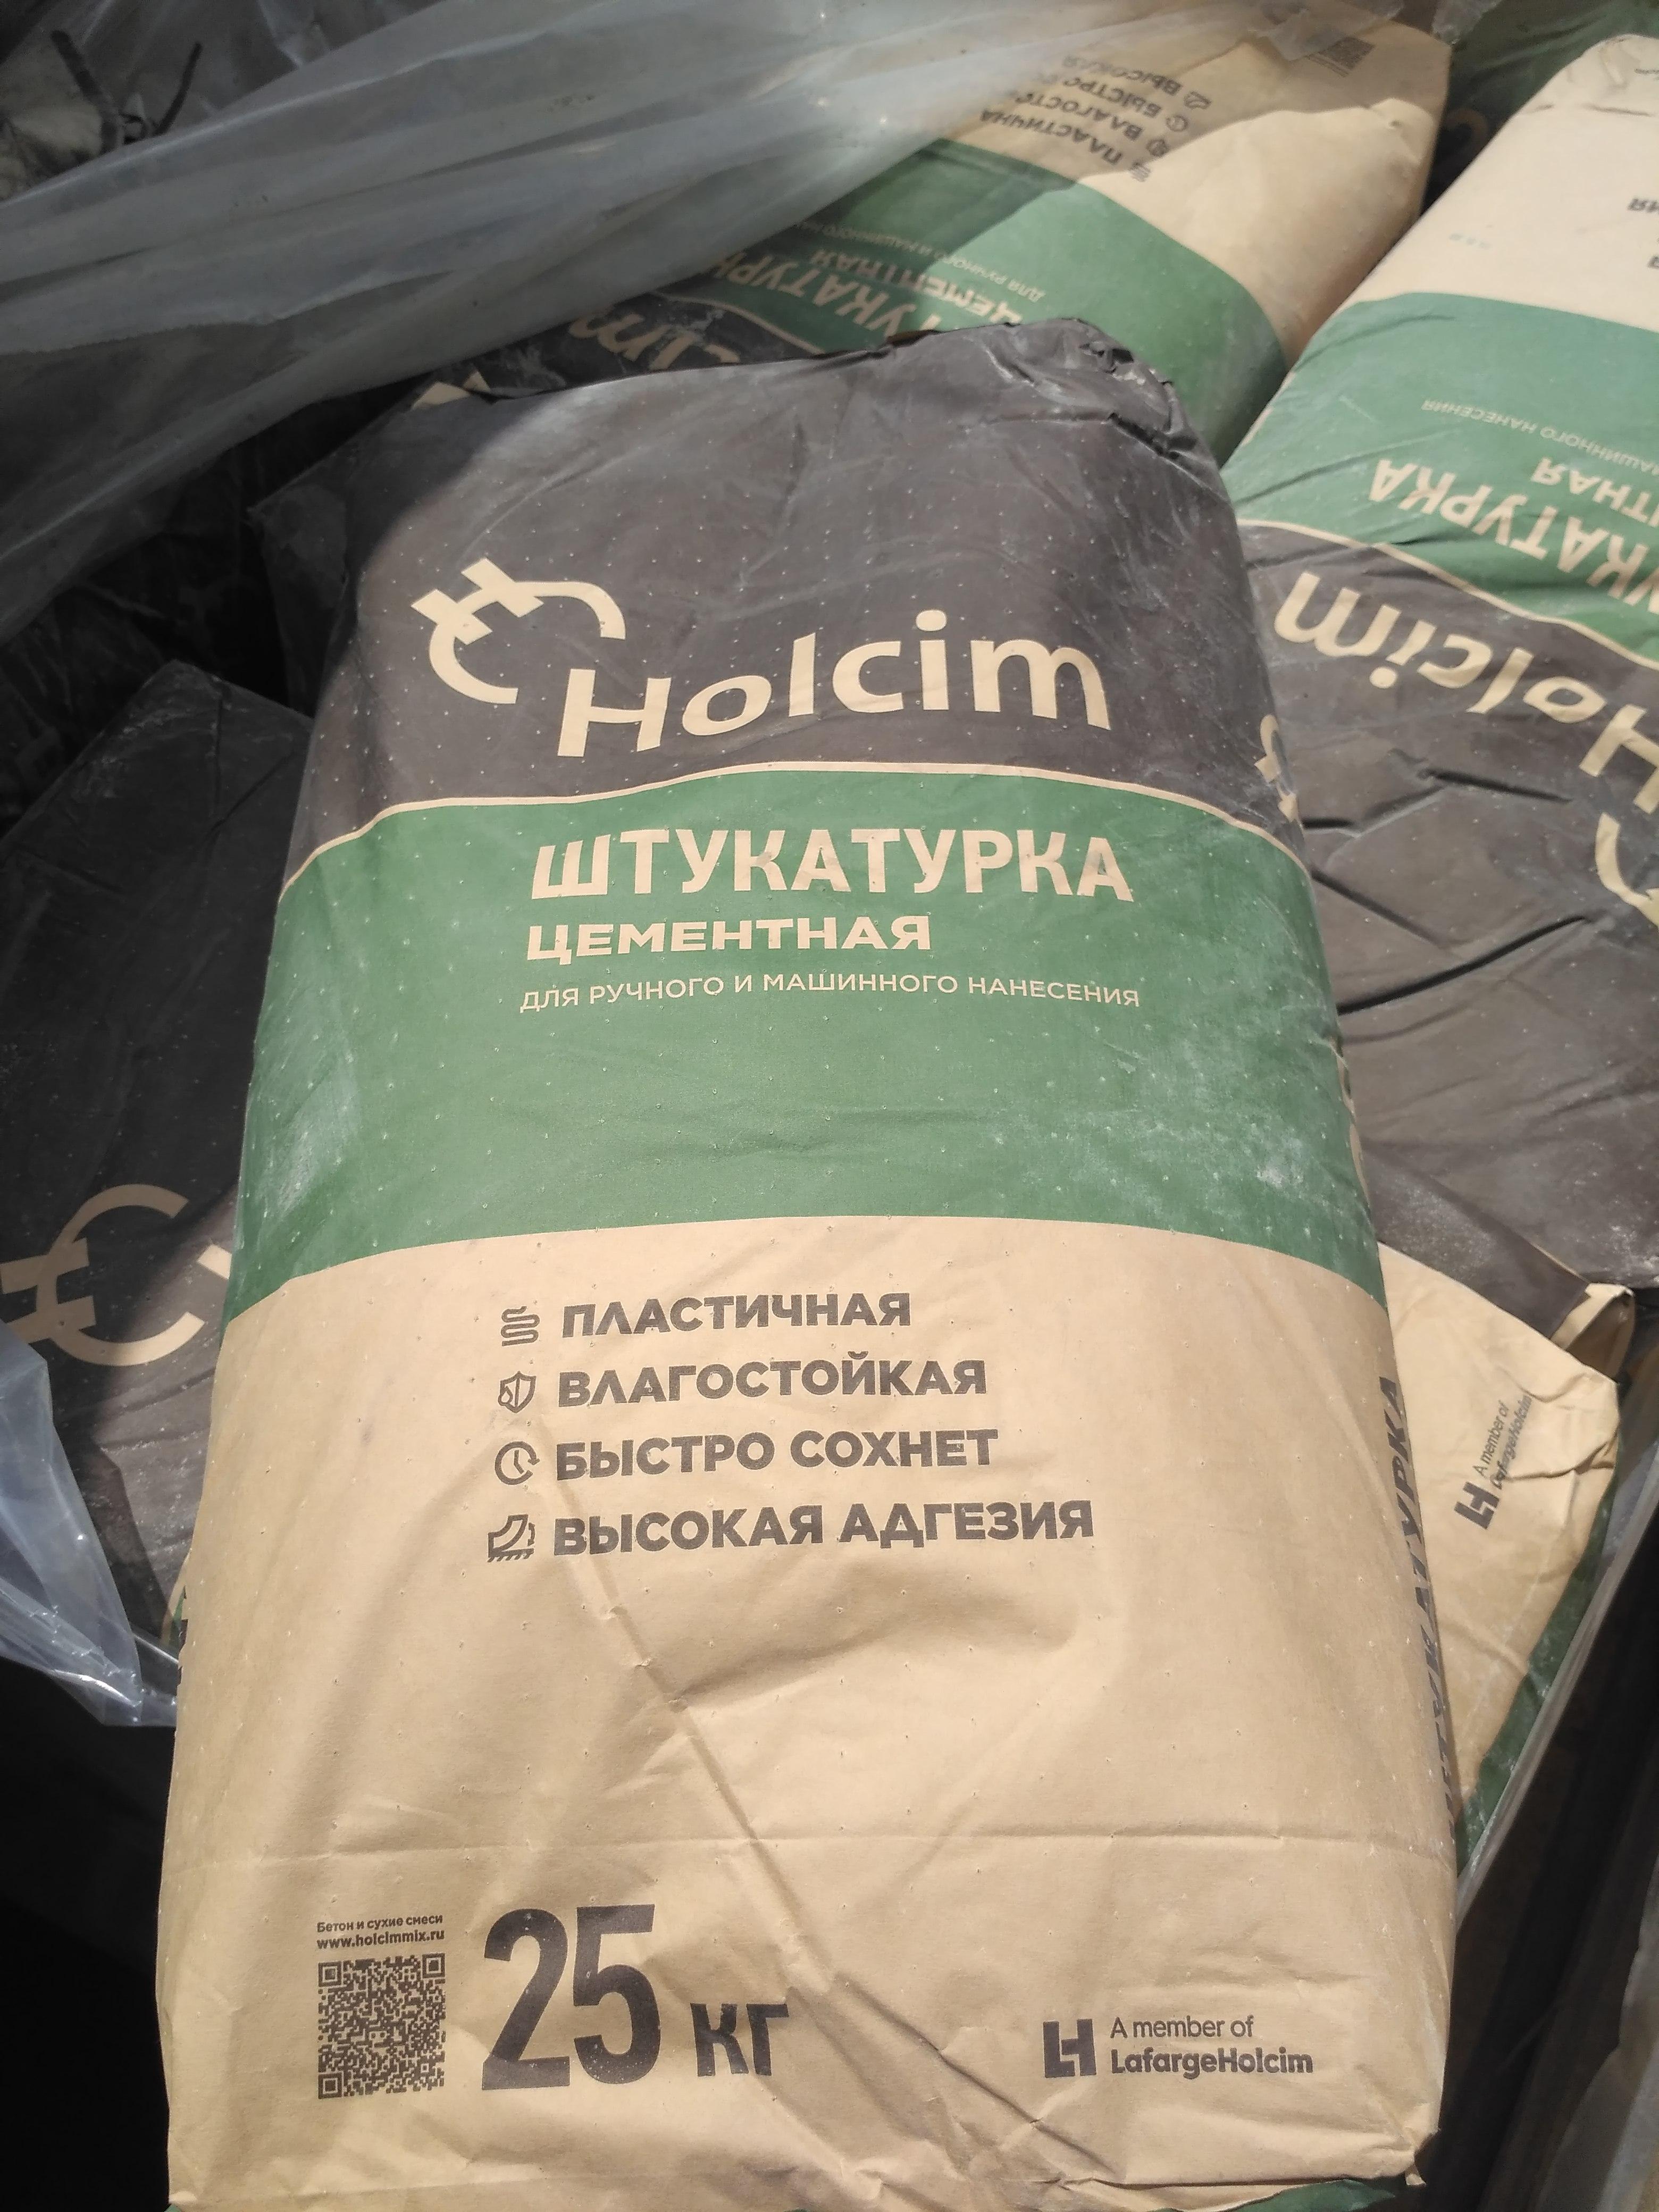 Фото - Штукатурка цементная Holcim 25 кг.